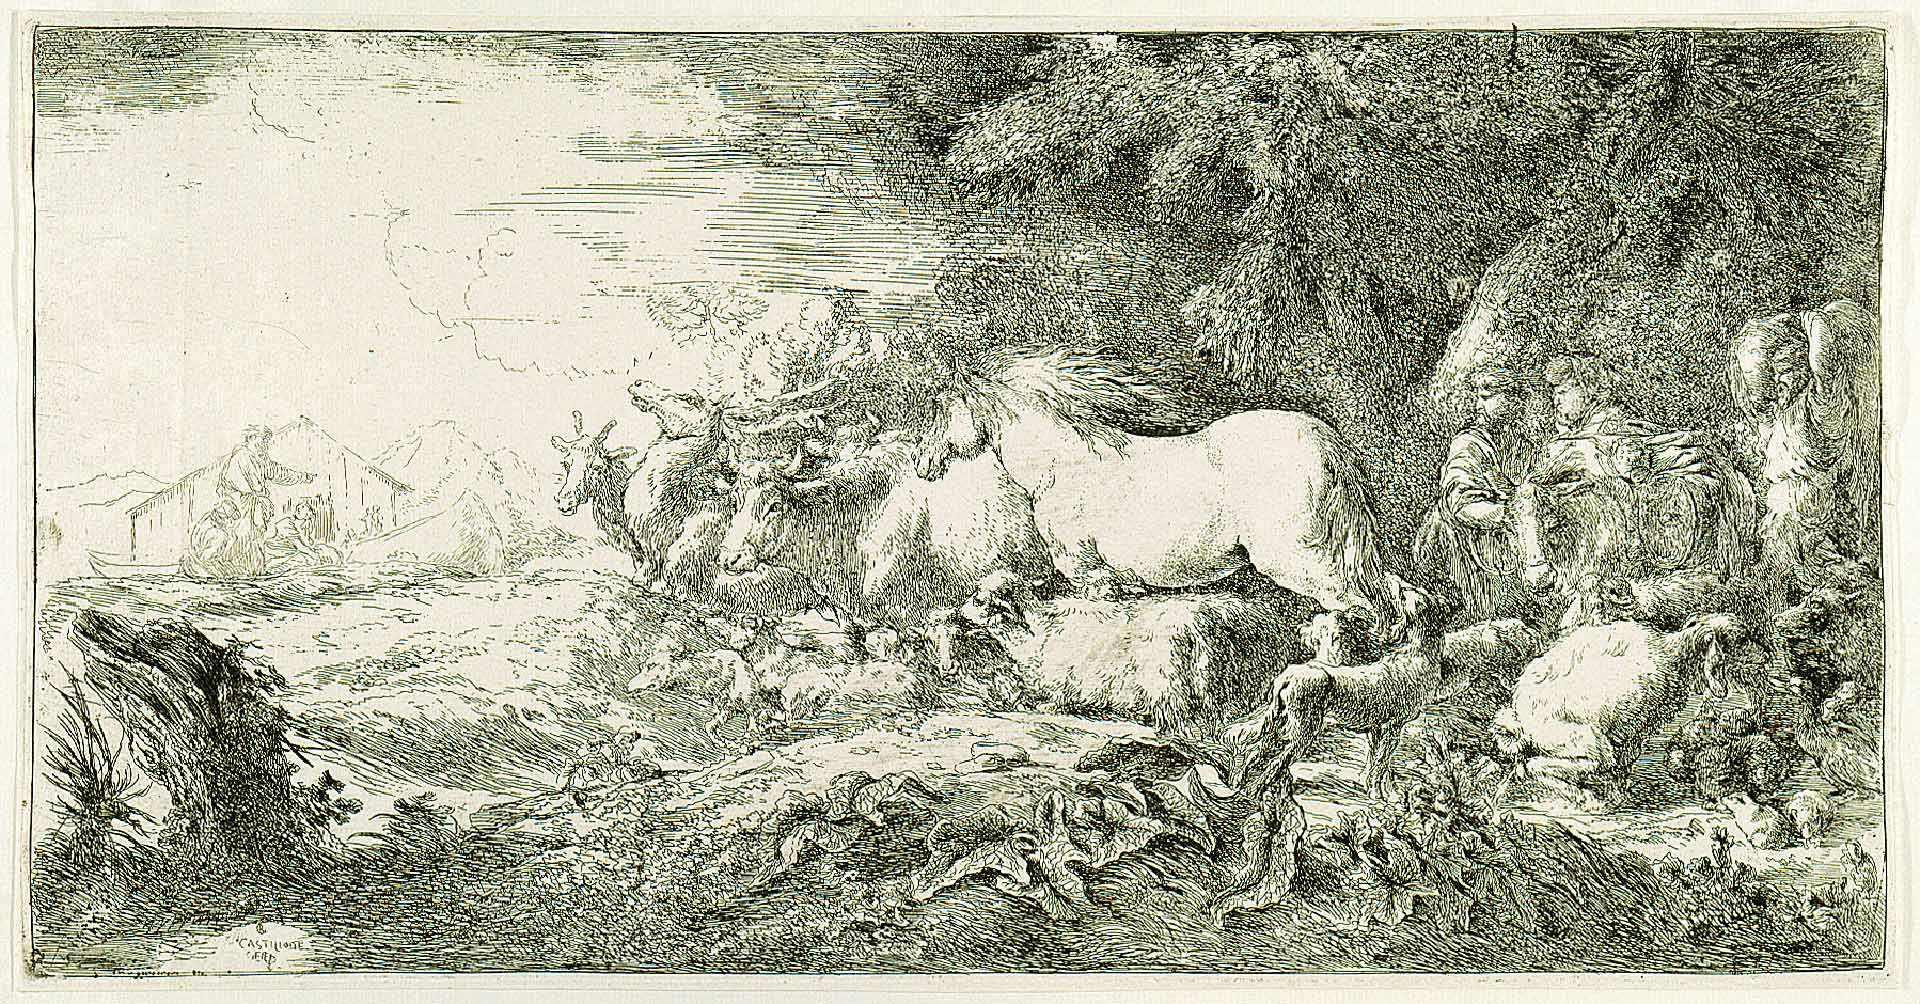 L'embarquement des animaux dans l'arche de Noé